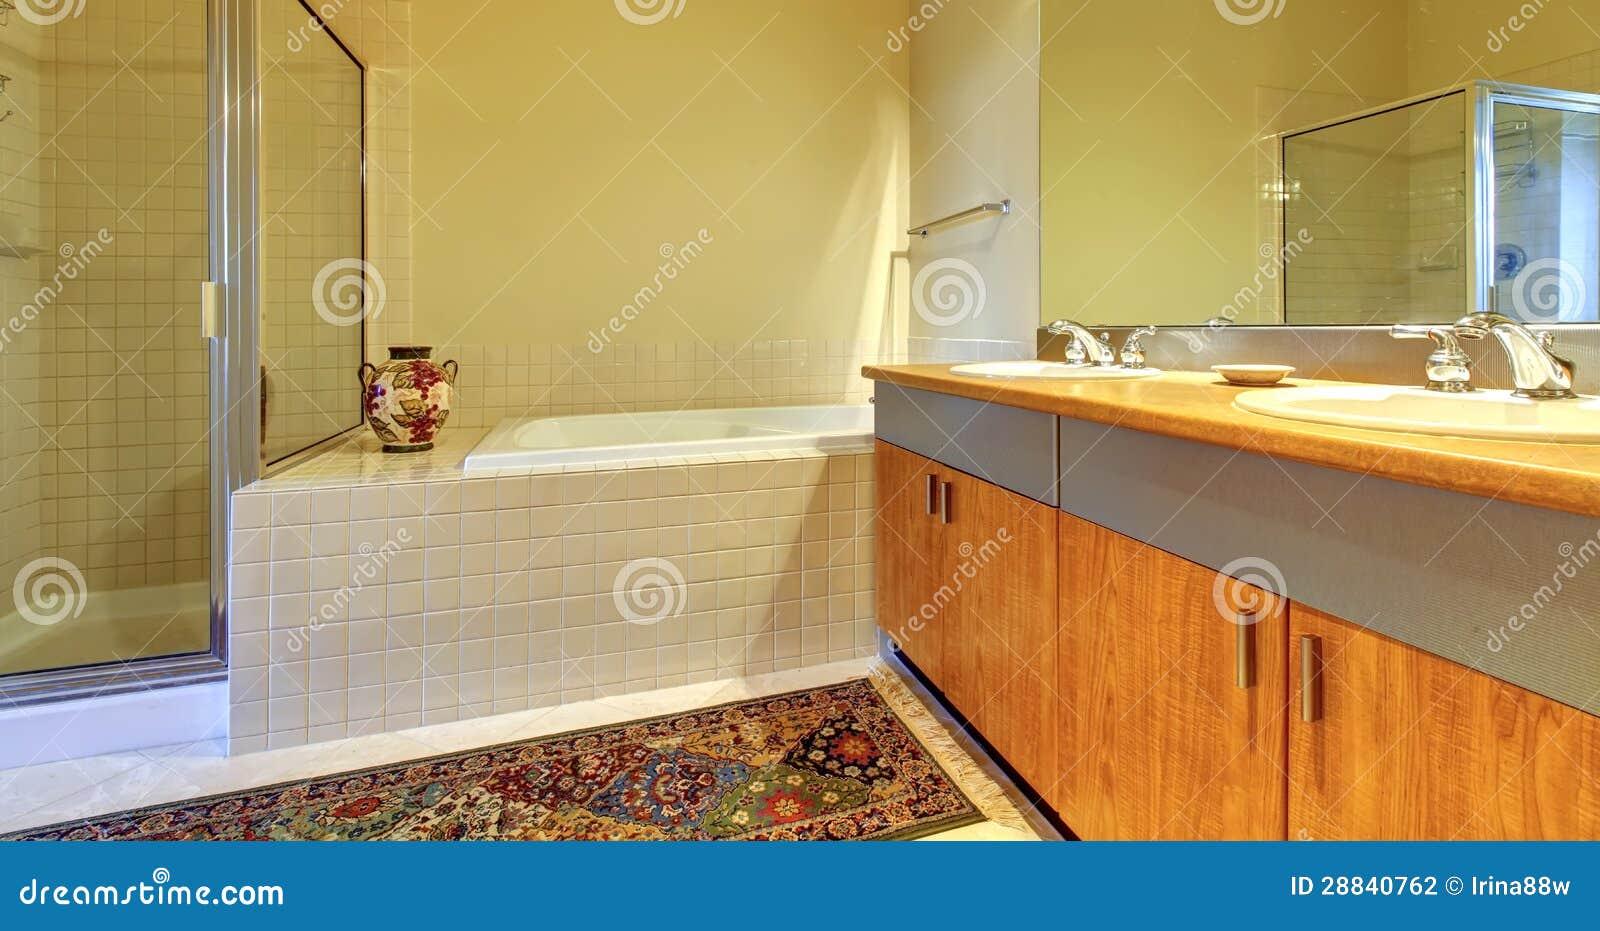 Banheiro Com Os Gabinetes, A Cuba E O Chuveiro De Madeira Modernos Fotografi -> Banheiros Modernos Chuveiro